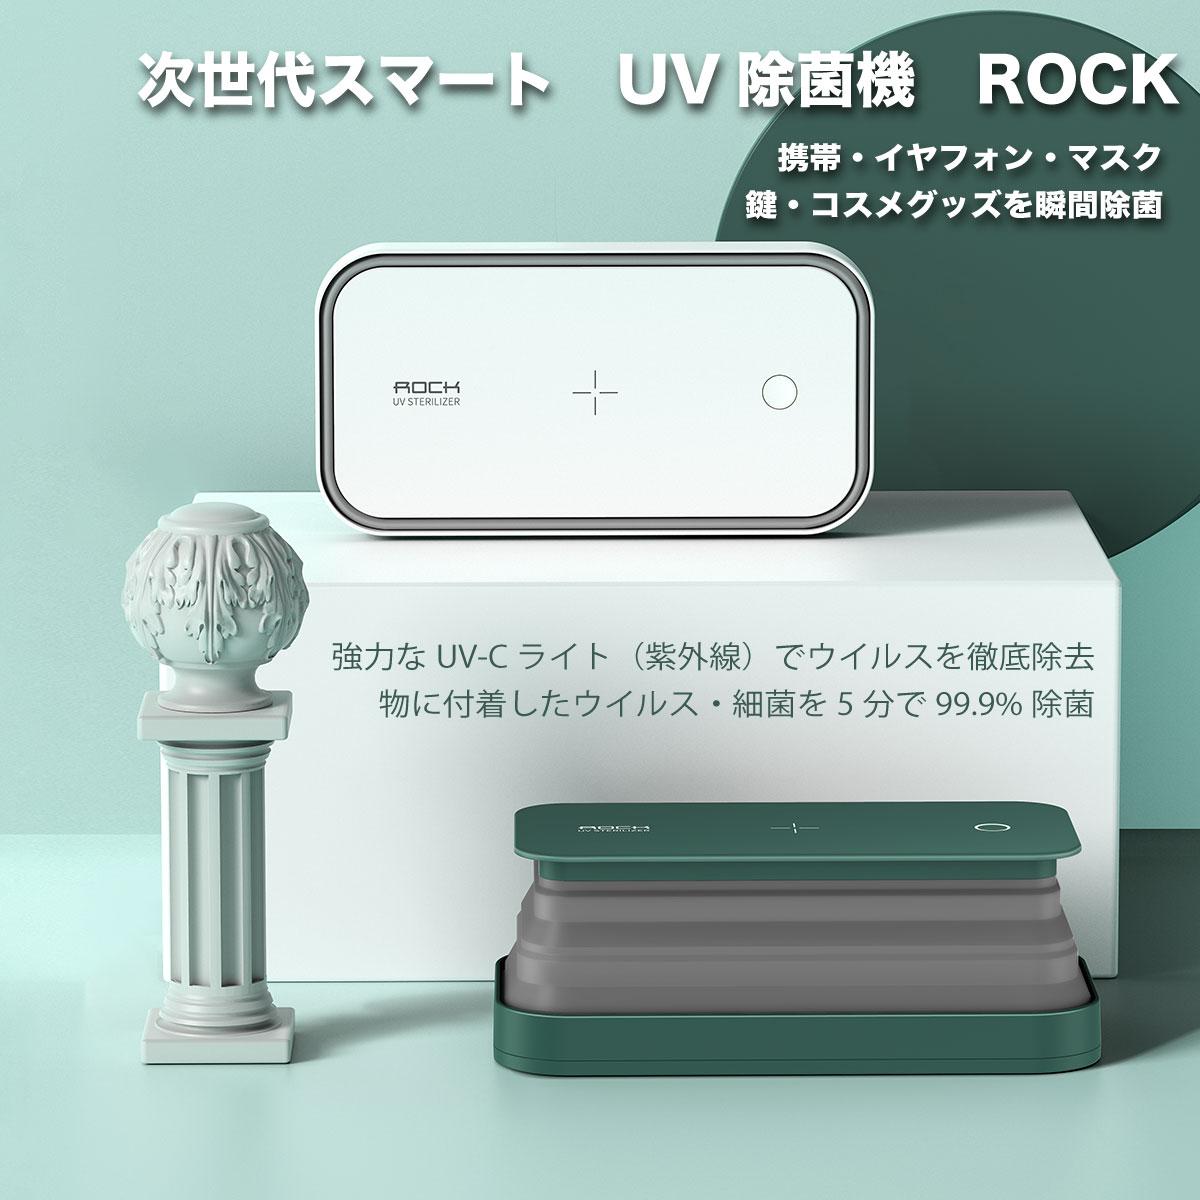 スマート UV除菌機 ROCK